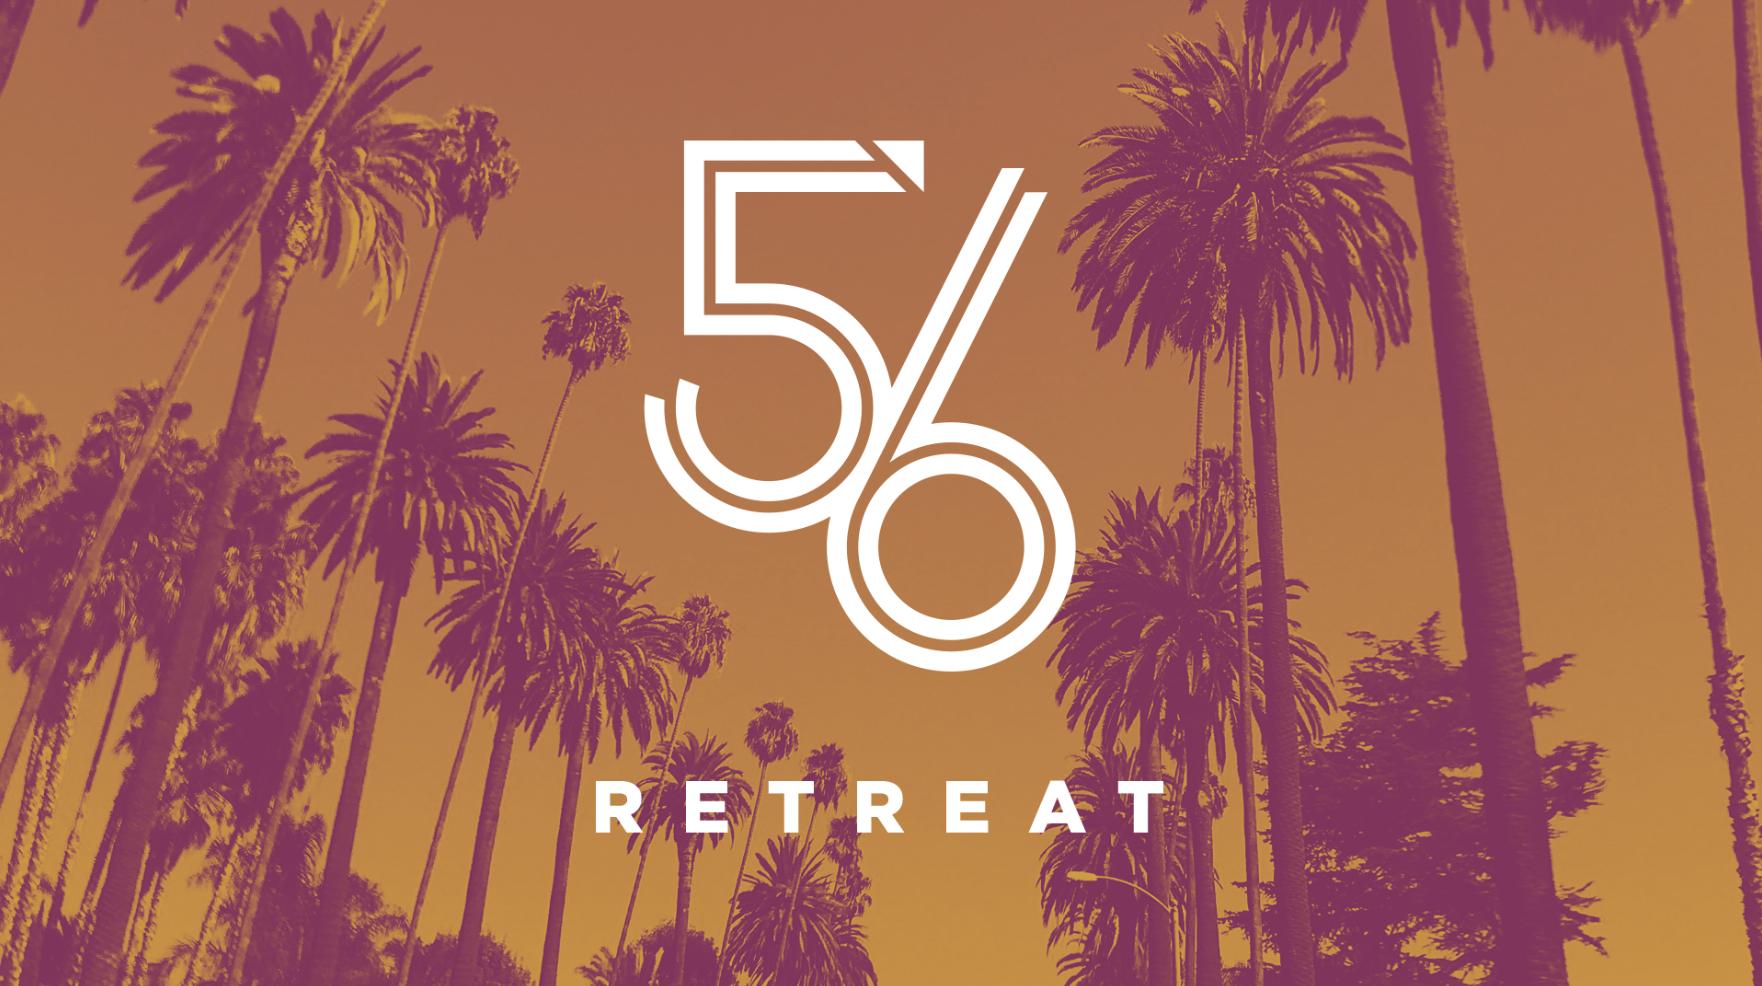 fiftysix retreat